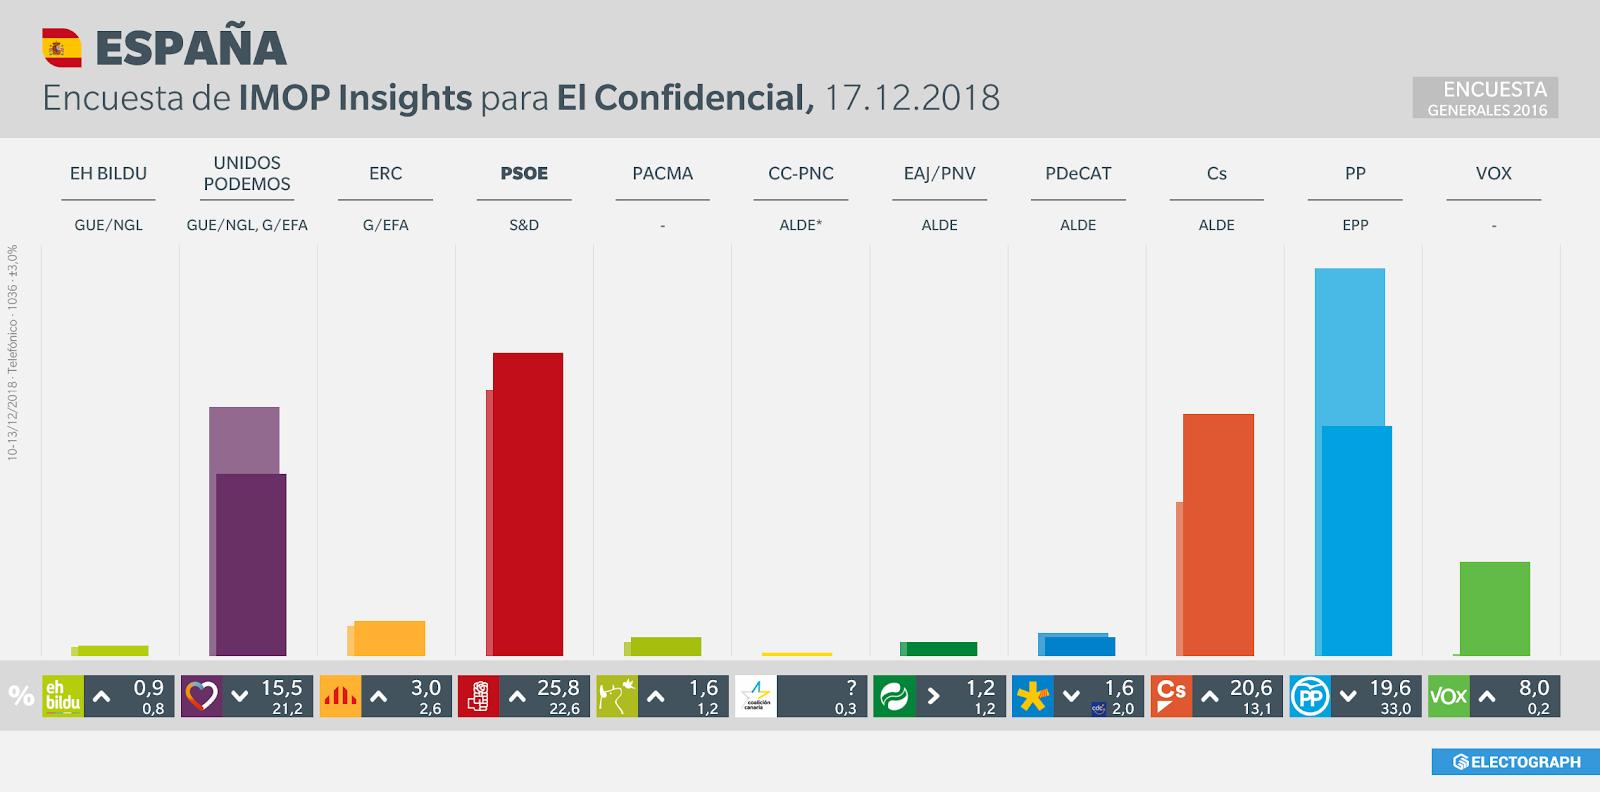 Gráfico de la encuesta para elecciones generales en España realizada por IMOP Insights para El Confidencial, 17 de diciembre de 2018